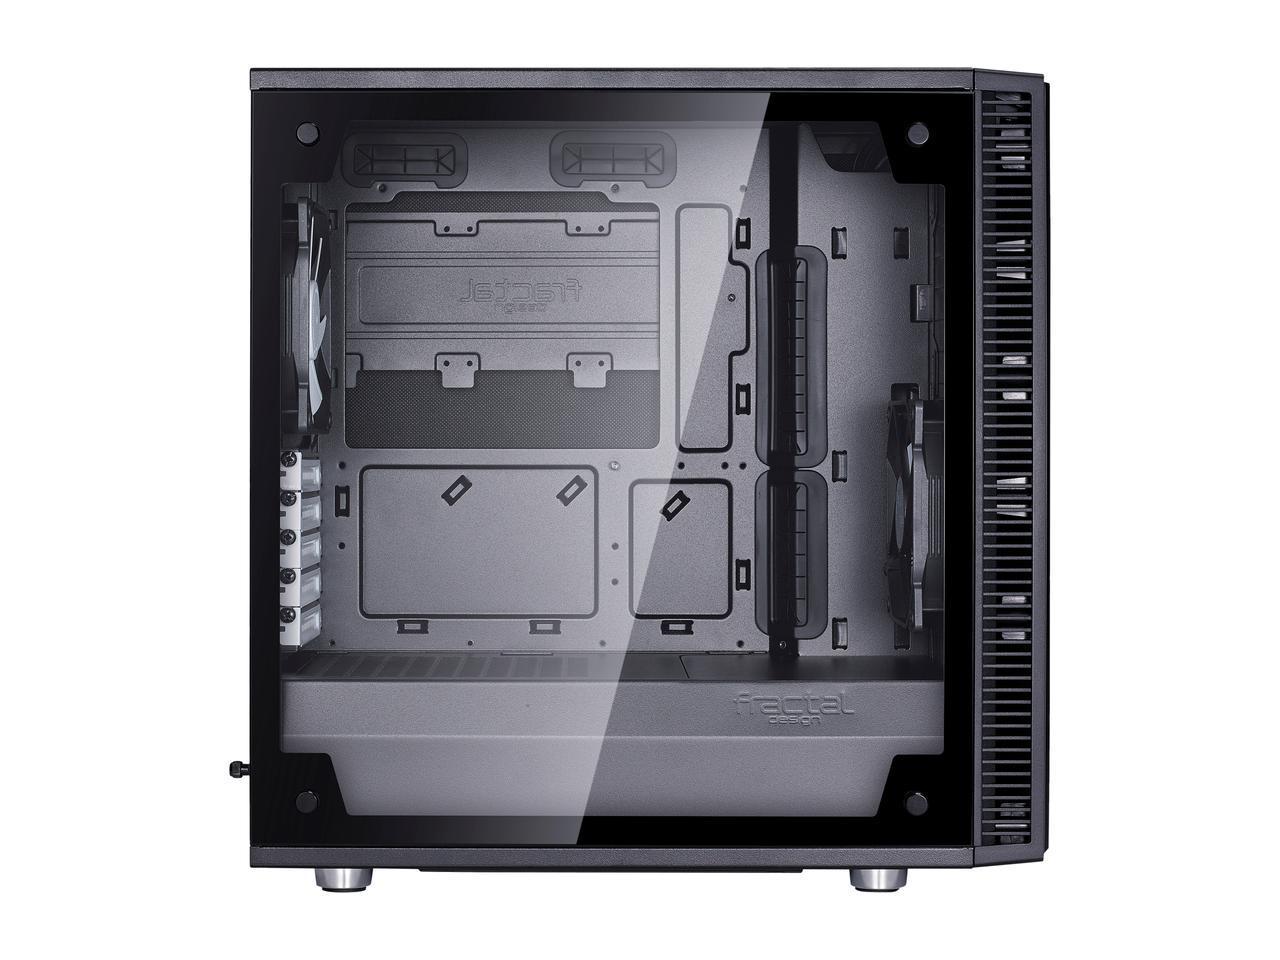 Fractal Define Mini C / Define C Tempered Glass MicroATX/ATX Case  $70